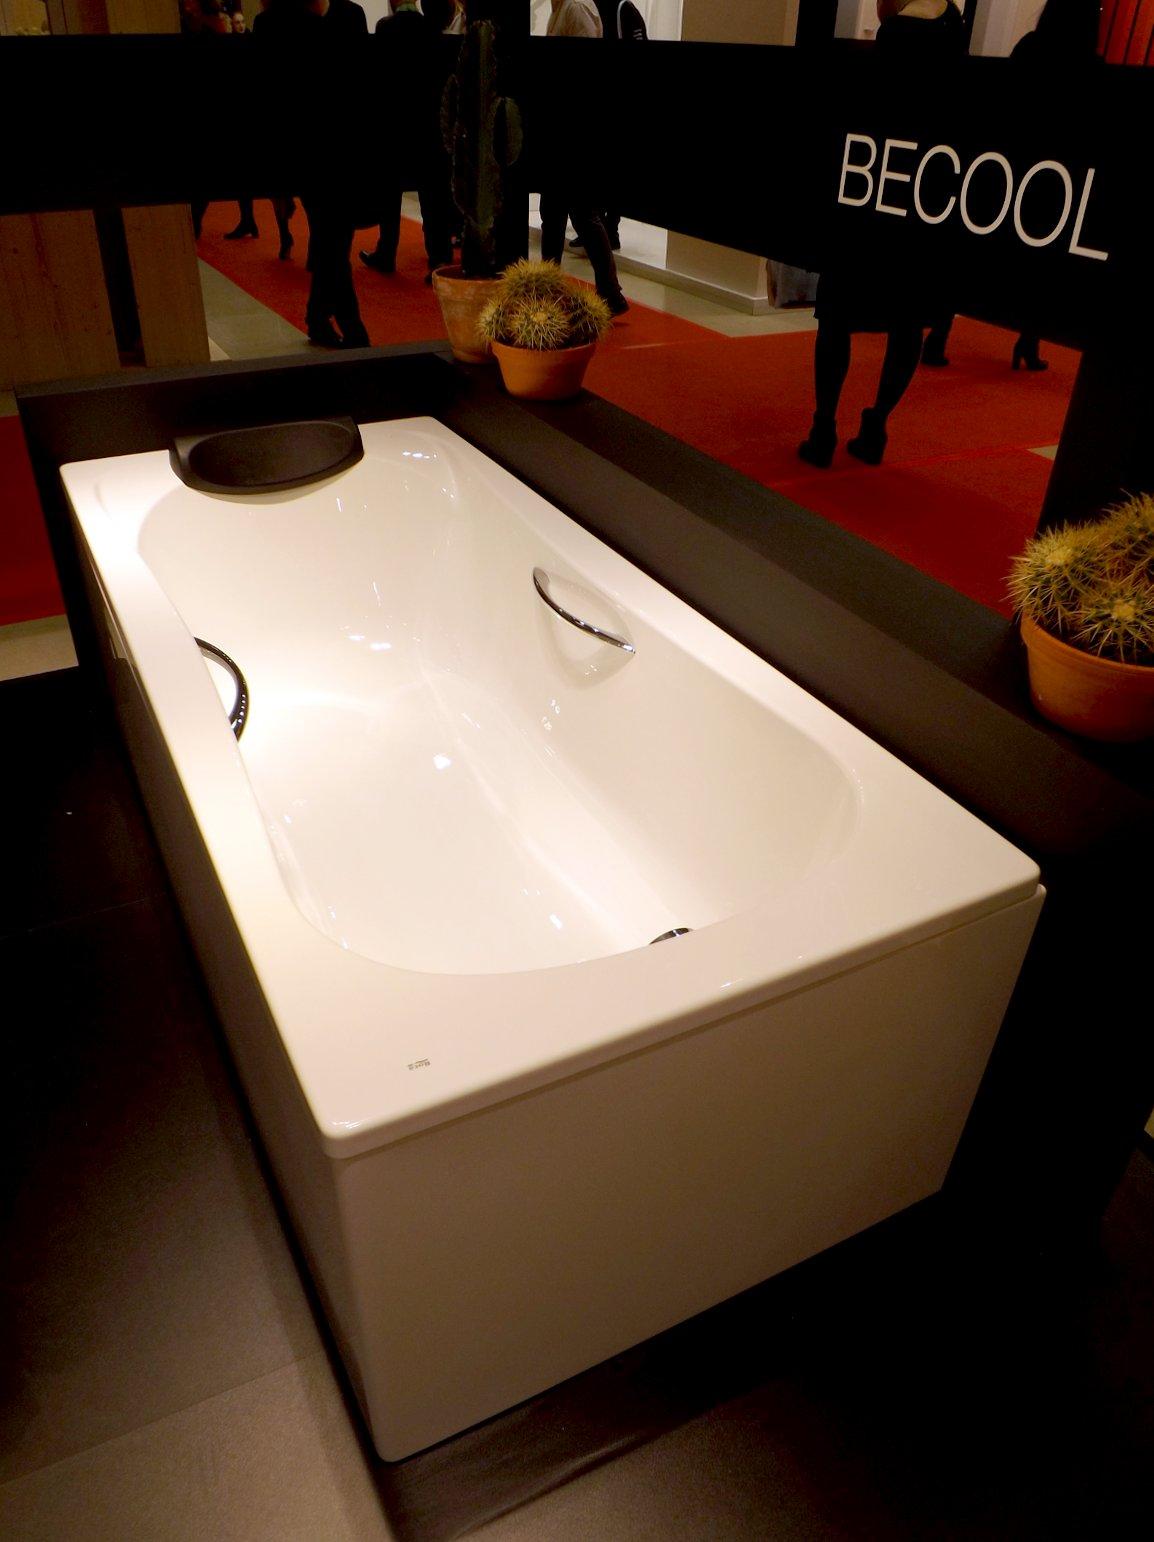 Модные тренды сантехники и аксессуаров для ванной 2016: ванна с подушкой и поручнями на экспозиции от Roca во время выставки MosBuild